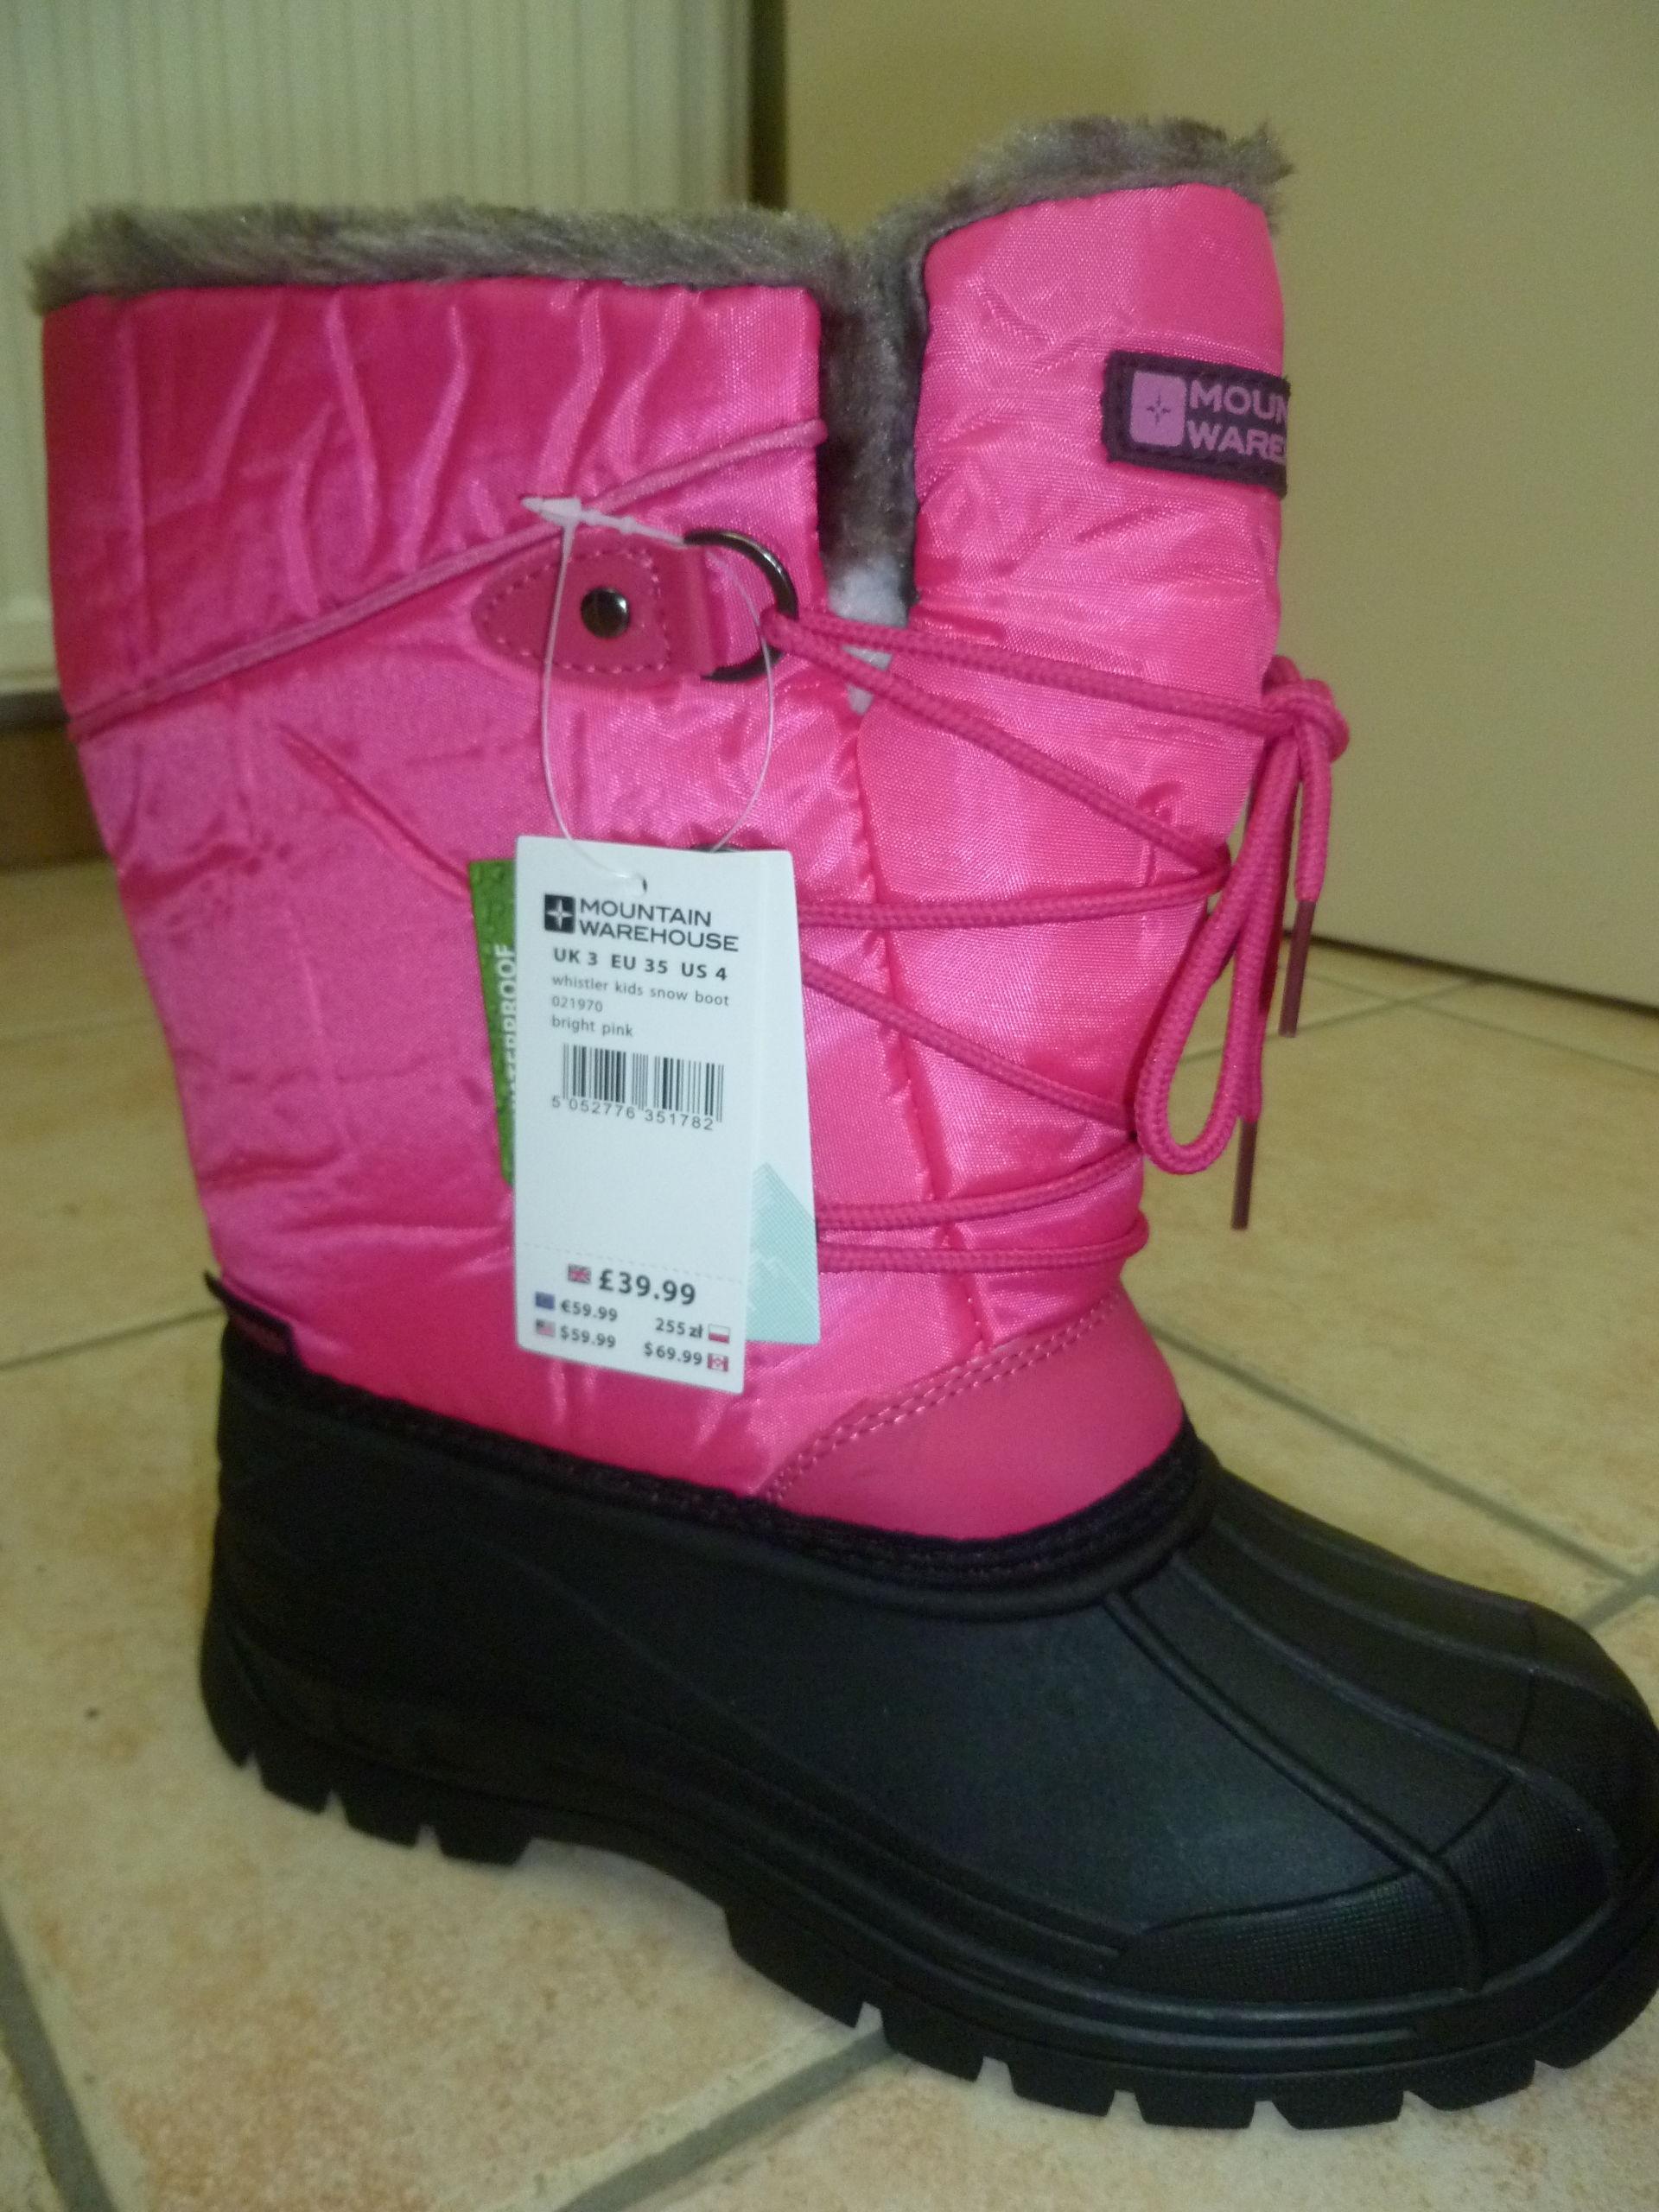 Bottes de ski fille T35 encore dans son emballage! 25 Saint-Paul-en-Pareds (85)